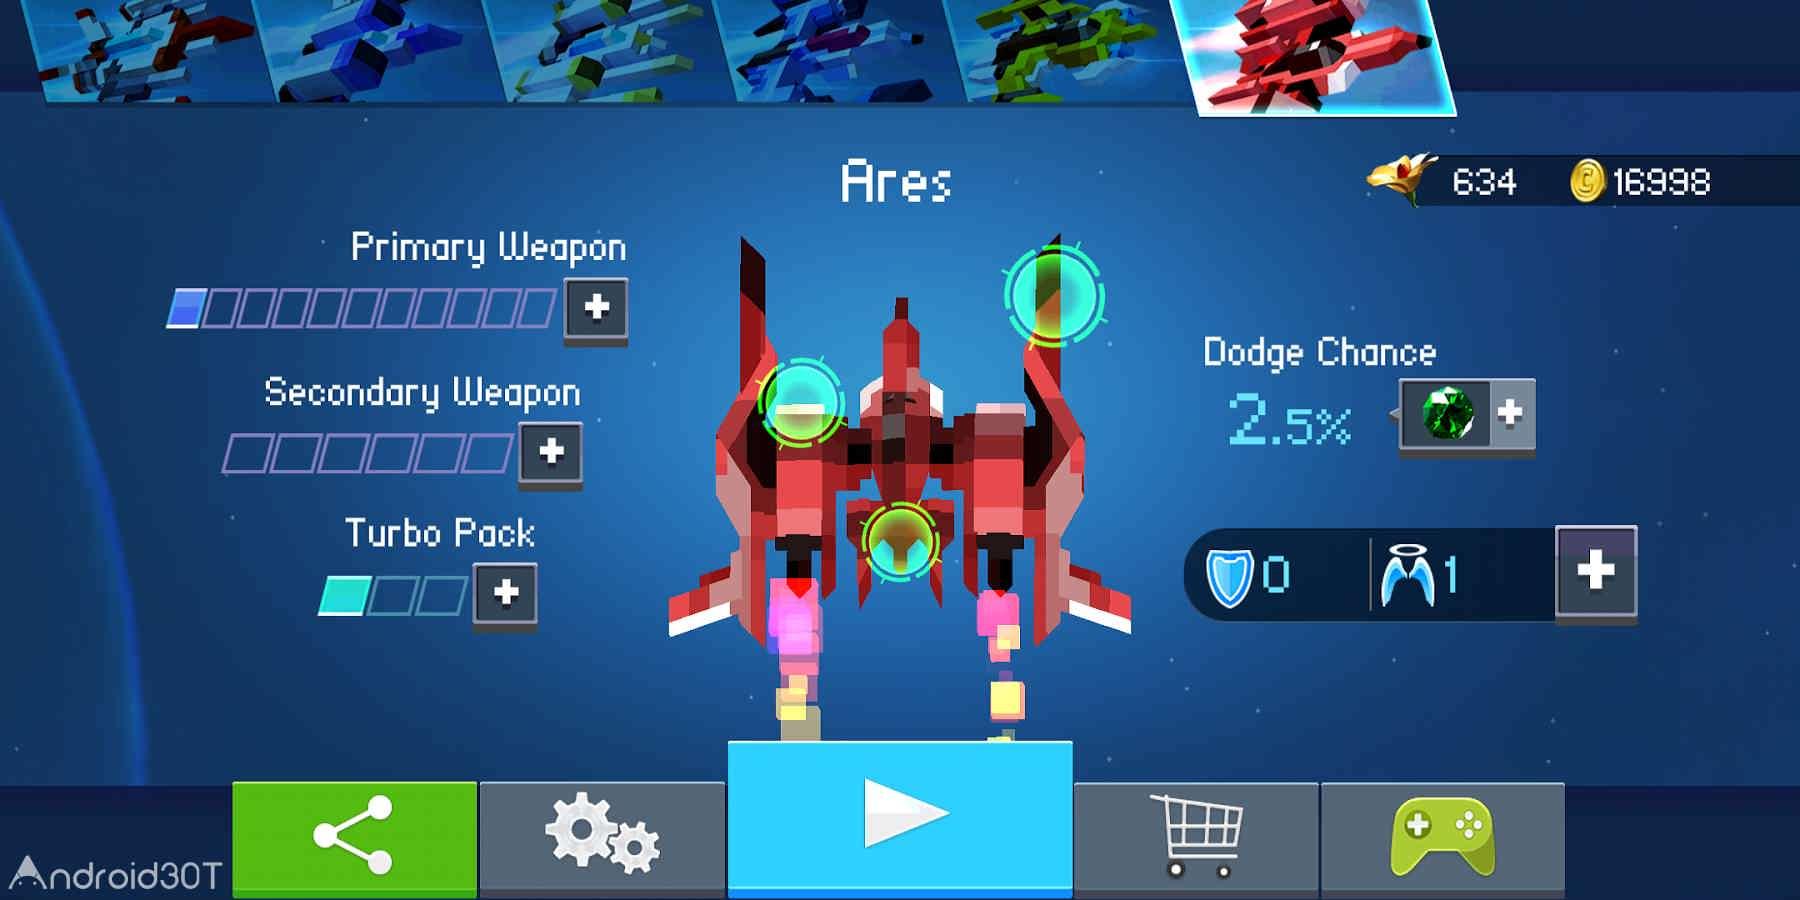 دانلود Gold Flower – Bullet Hell Shooter 2.1.0 – بازی آرکید جنگنده فضایی اندروید